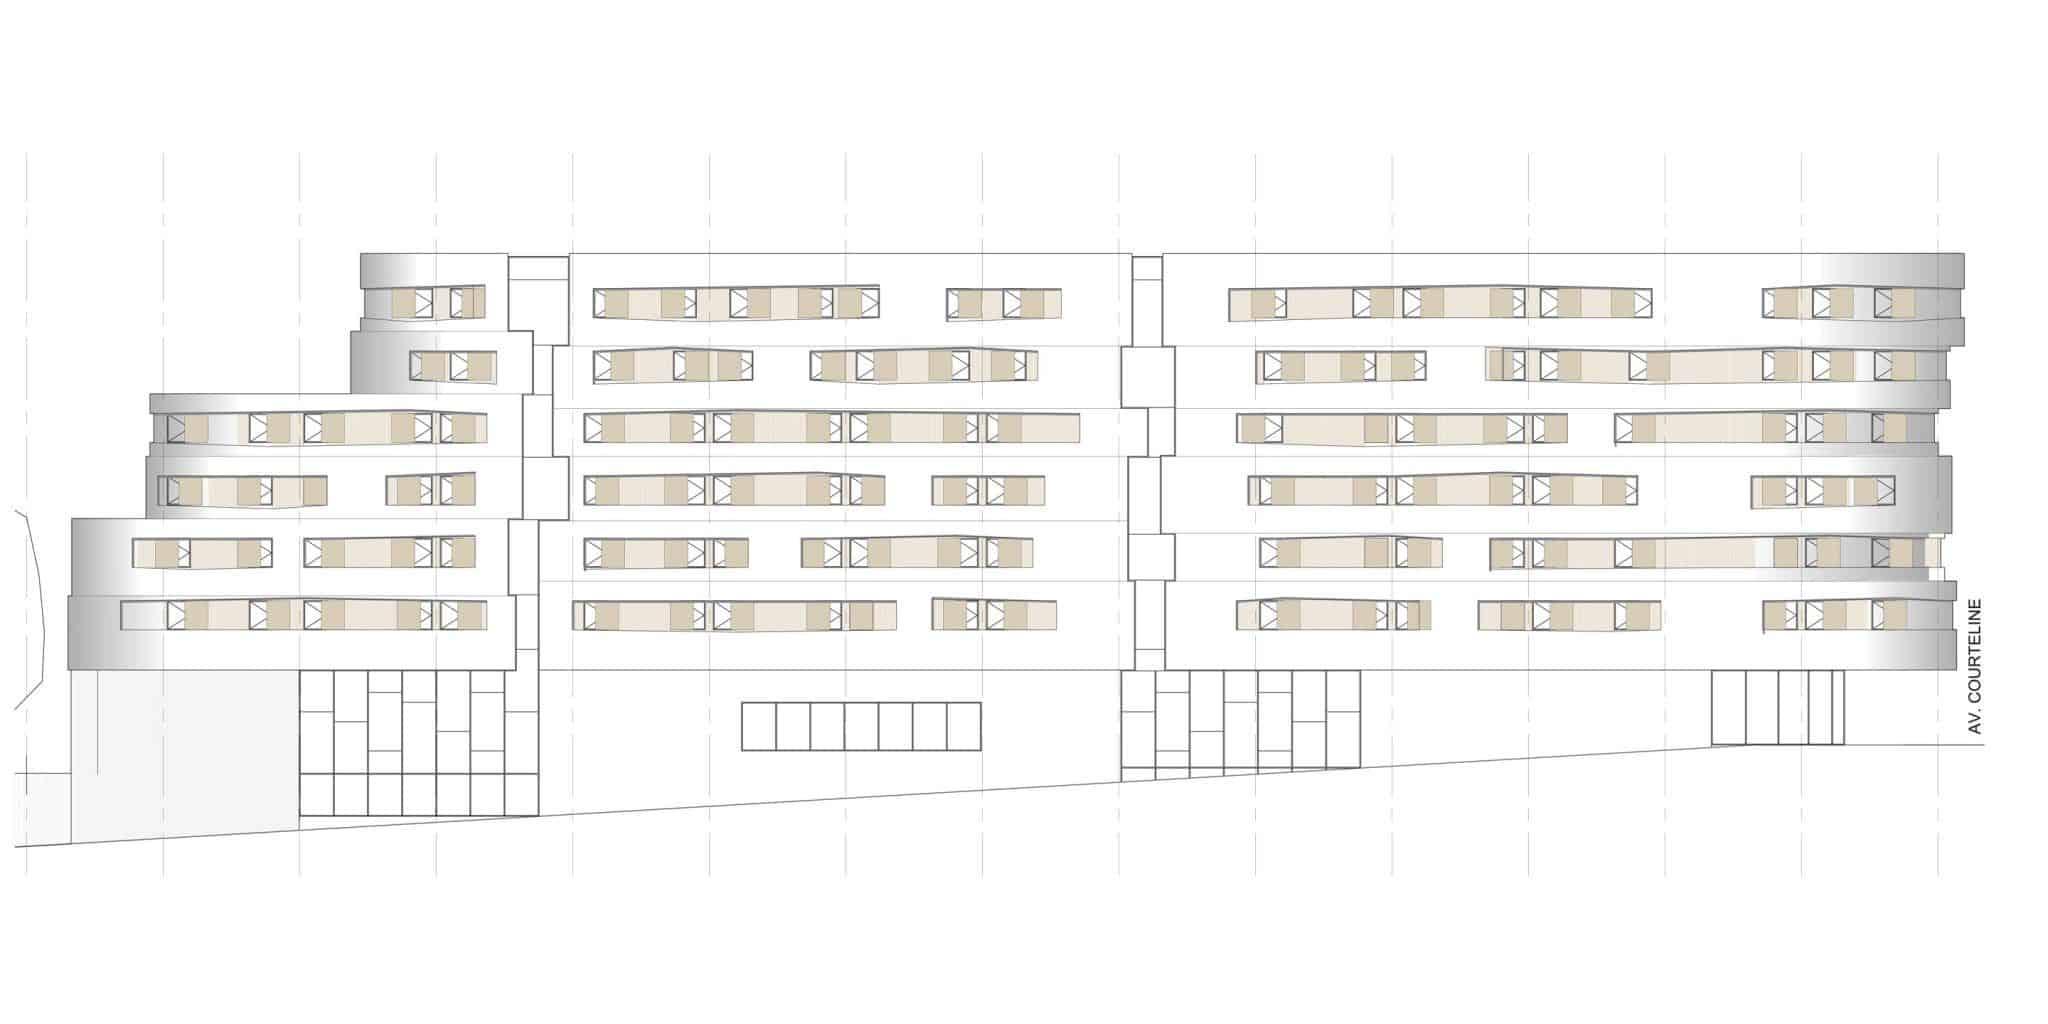 Meininger hôtel - DVVD